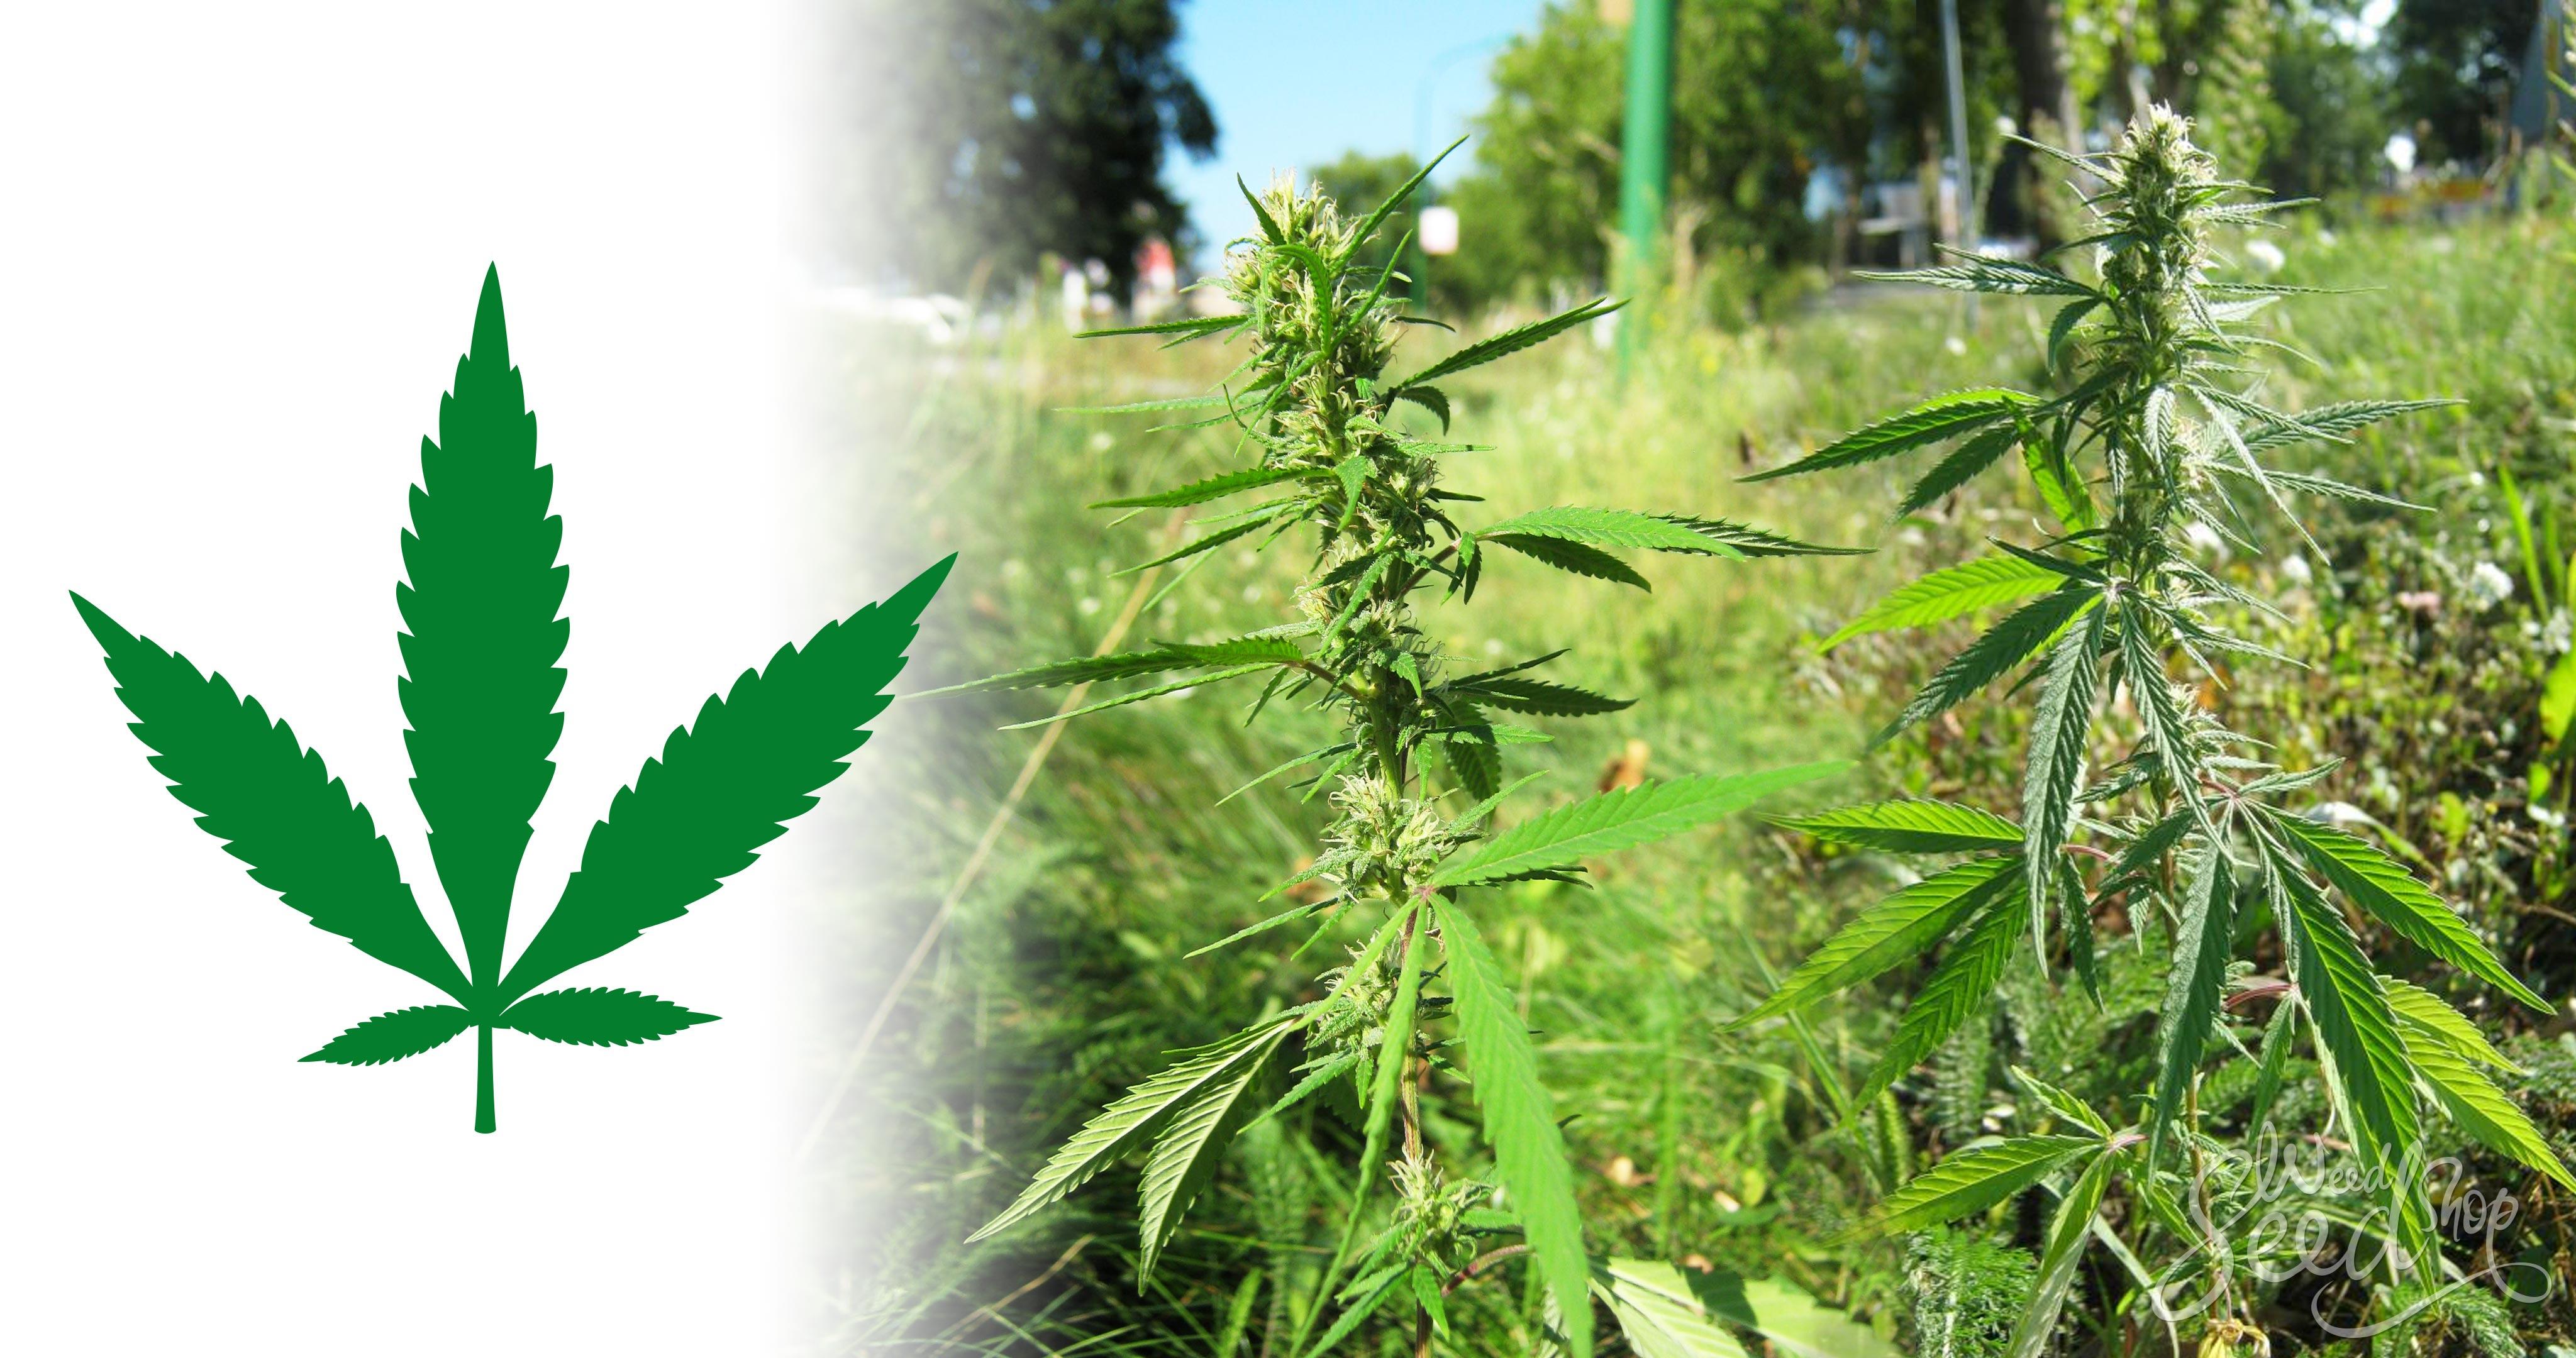 ¿Sabes qué cualidad especial están tomando los fitogenetistas modernos del cannabis ruderalis? Aprende todo sobre ello en este artículo.